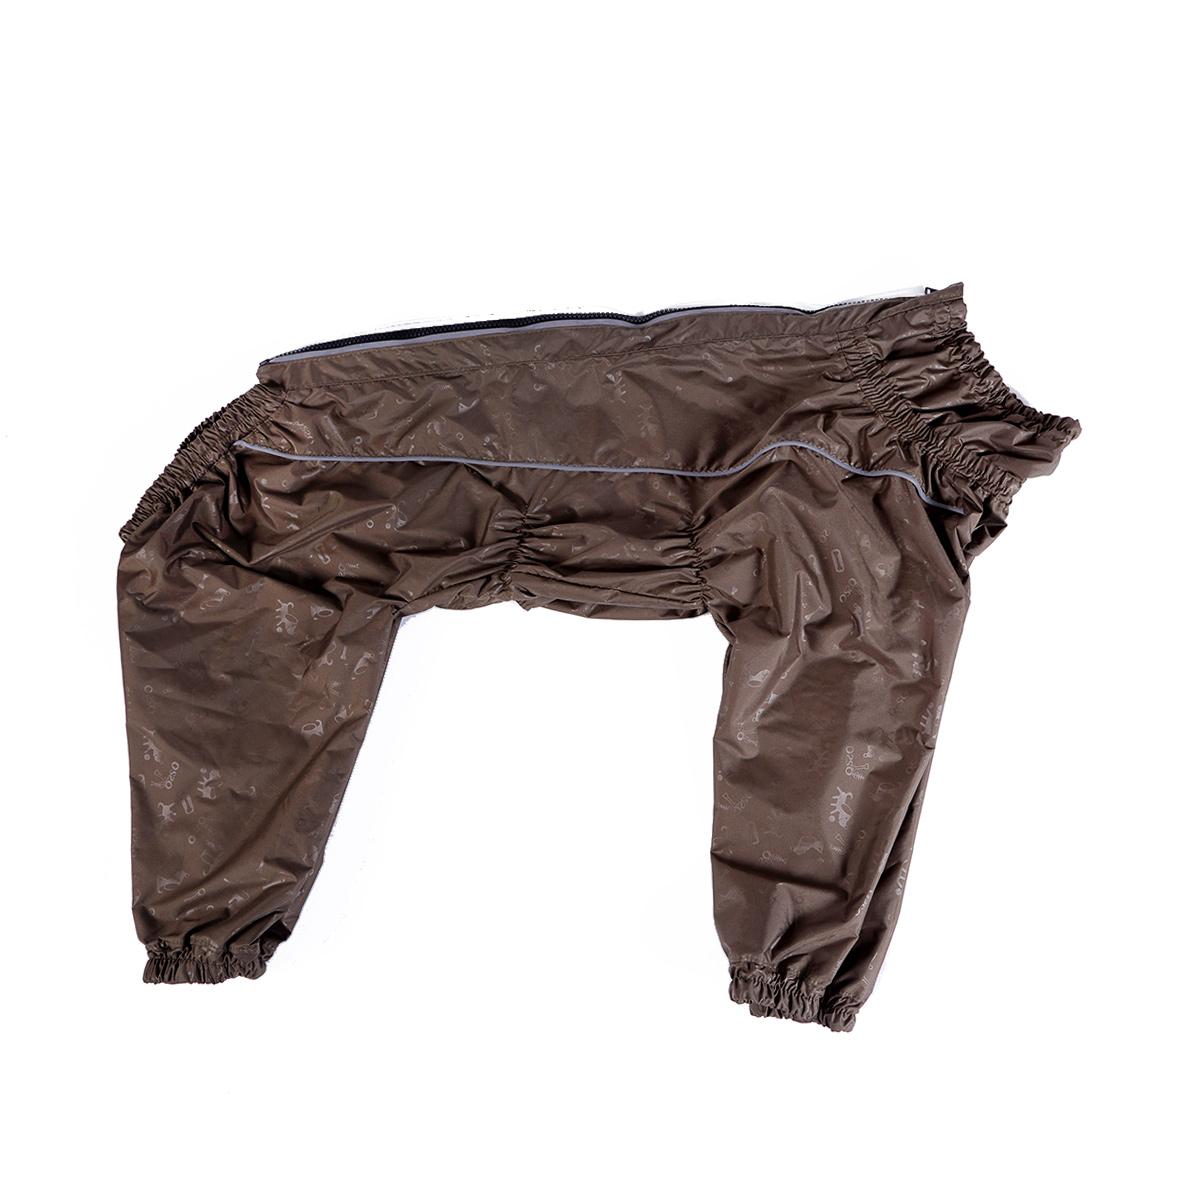 Комбинезон для собак OSSO Fashion, для мальчика, цвет: хаки. Размер 70К-1038-хакиКомбинезон для собак без подкладки из водоотталкивающей и ветрозащитной ткани (100% полиэстер). Предназначен для прогулок в межсезонье, в сырую погоду для защиты собаки от грязи и воды. В комбинезоне используется отделка со светоотражающим кантом и тракторная молния со светоотражающей полосой. Комбинезон для собак эргономичен, удобен, не сковывает движений собаки при беге, во время игры и при дрессировке. Комфортная посадка по корпусу достигается за счет резинок-утяжек под грудью и животом. На воротнике имеется кнопка для фиксации. От попадания воды и грязи внутрь комбинезона низ штанин также сборен на резинку. Рекомендуется машинная стирка с использованием средства для стирки деликатных тканей при температуре не выше 40?С и загрузке барабана не более чем на 40% от его объема, отжим при скорости не более 400/500 об/мин, сушка на воздухе – с целью уменьшения воздействия на водоотталкивающую (PU) пропитку ткани. Рекомендации по подбору размера: Размер подбирается по длине спины собаки....